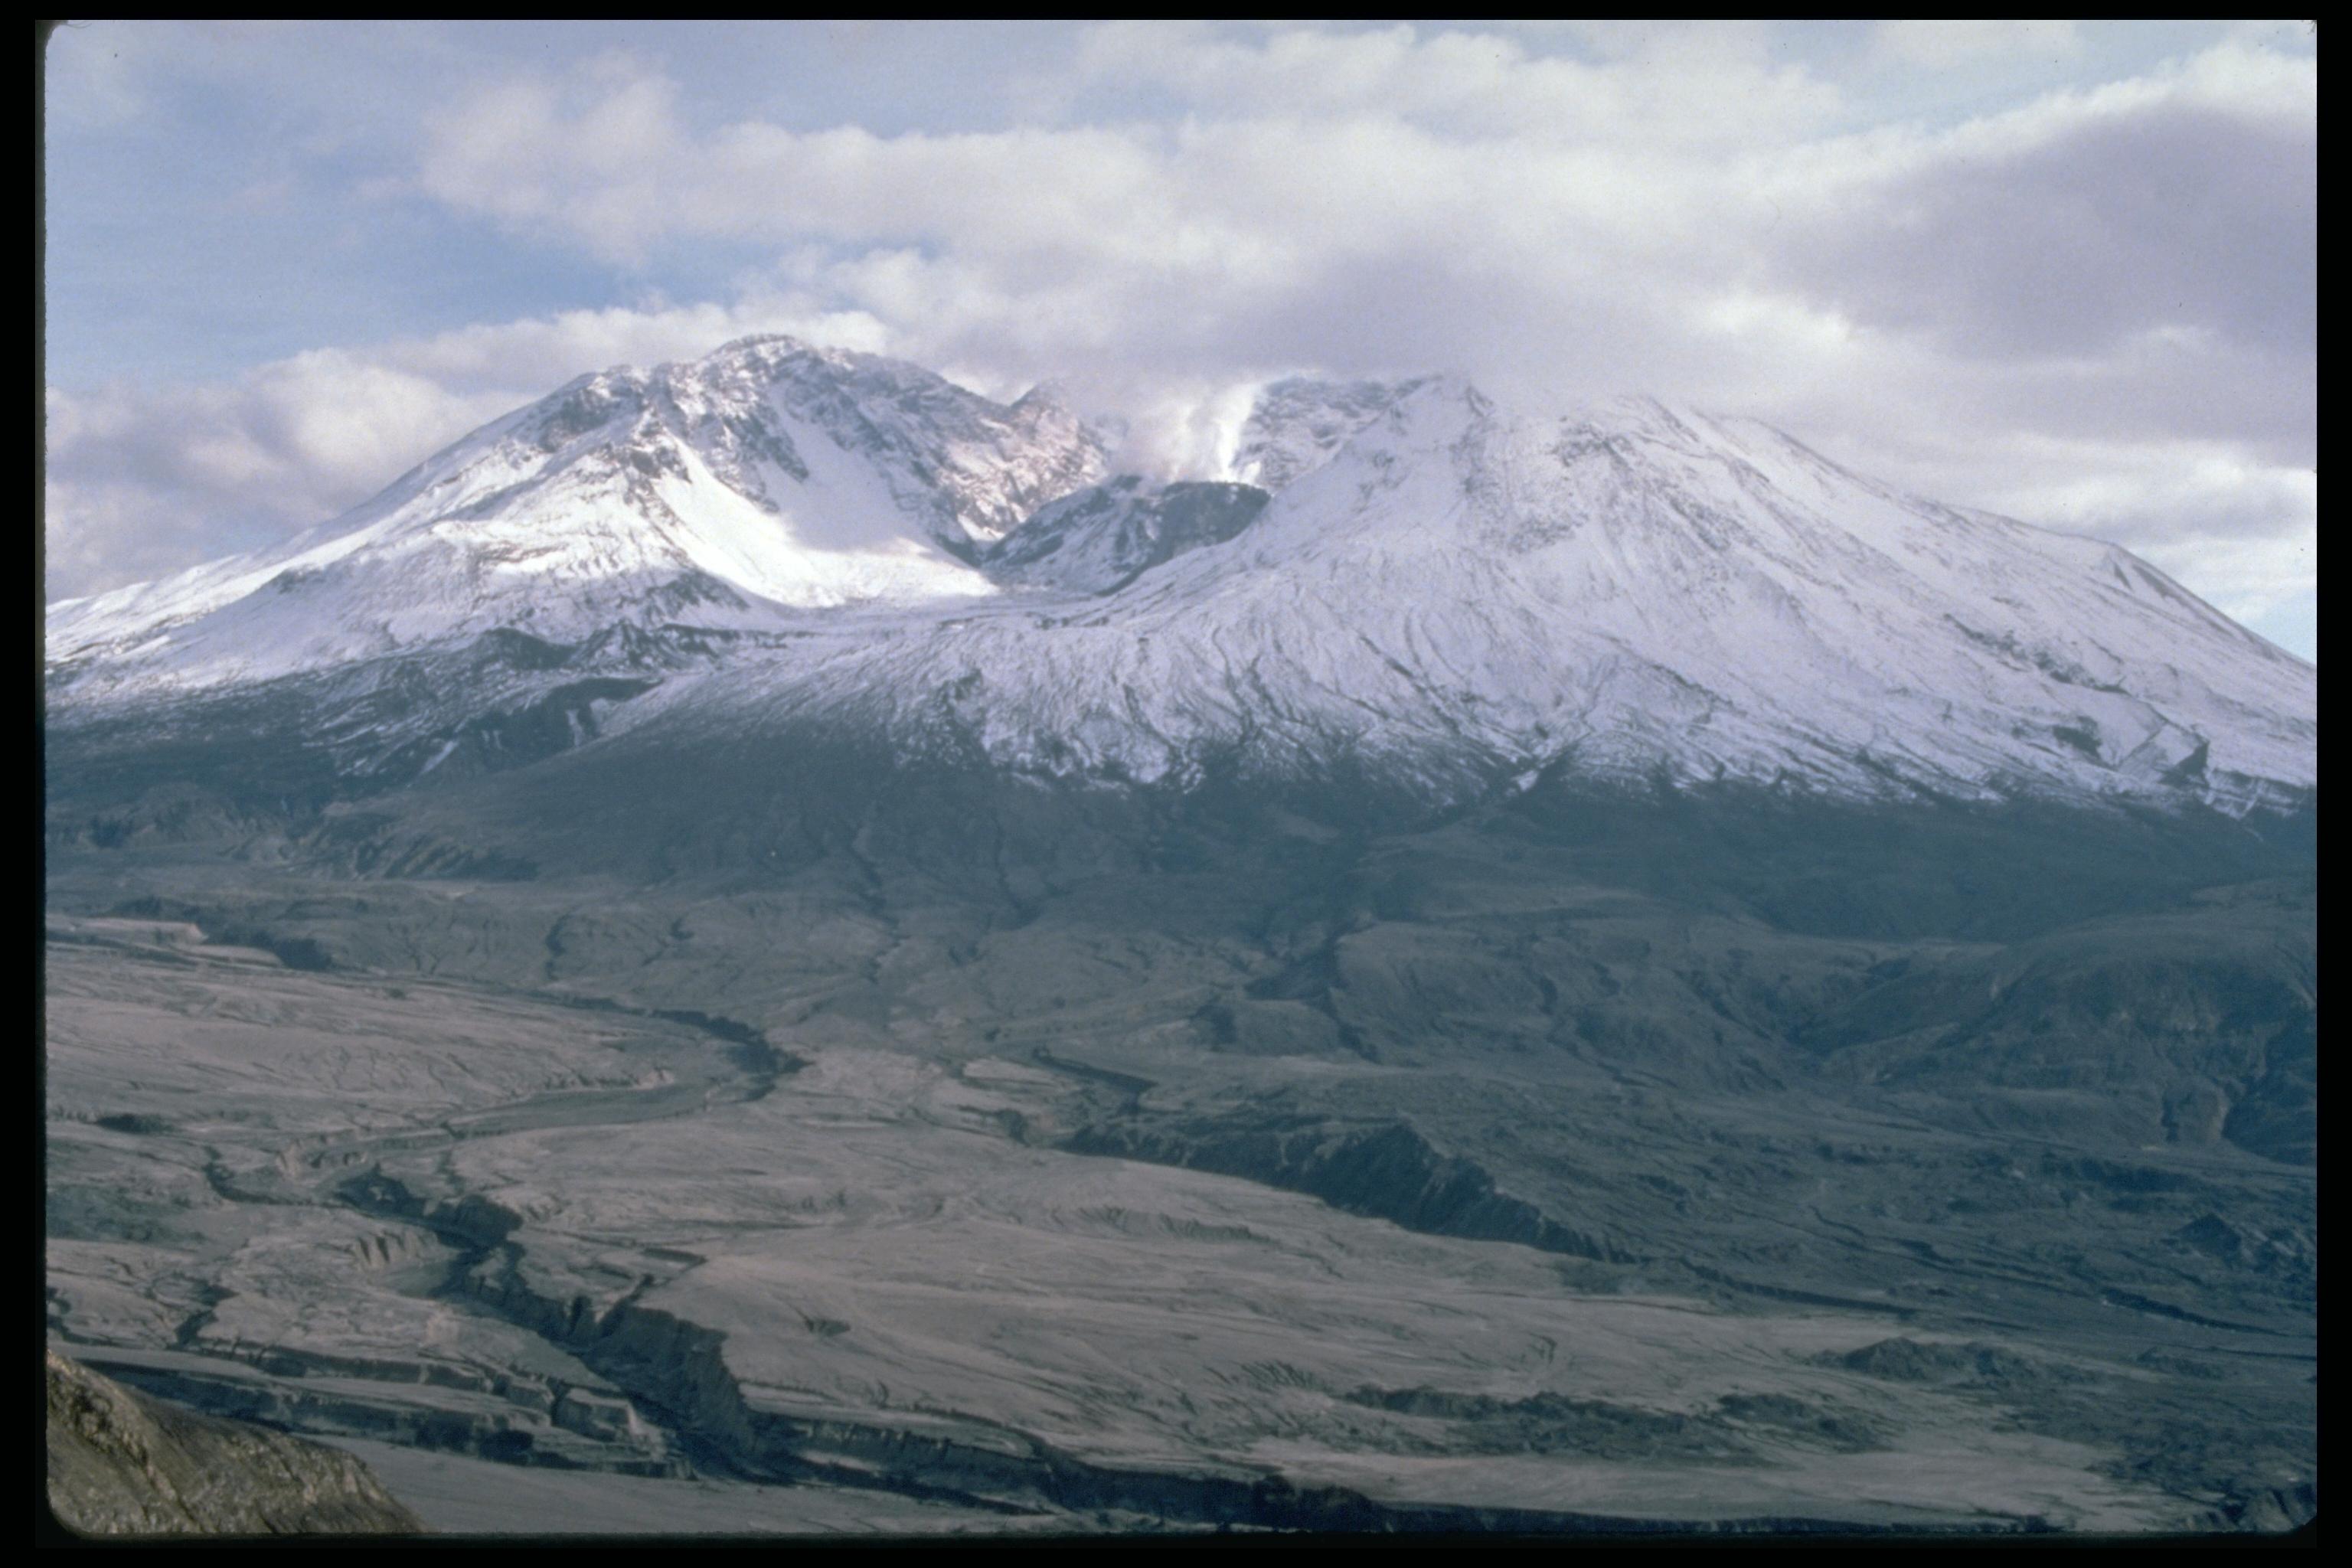 NASA - Landsat Top Ten - Mount St. Helens: Volcanic Eruption and Recovery